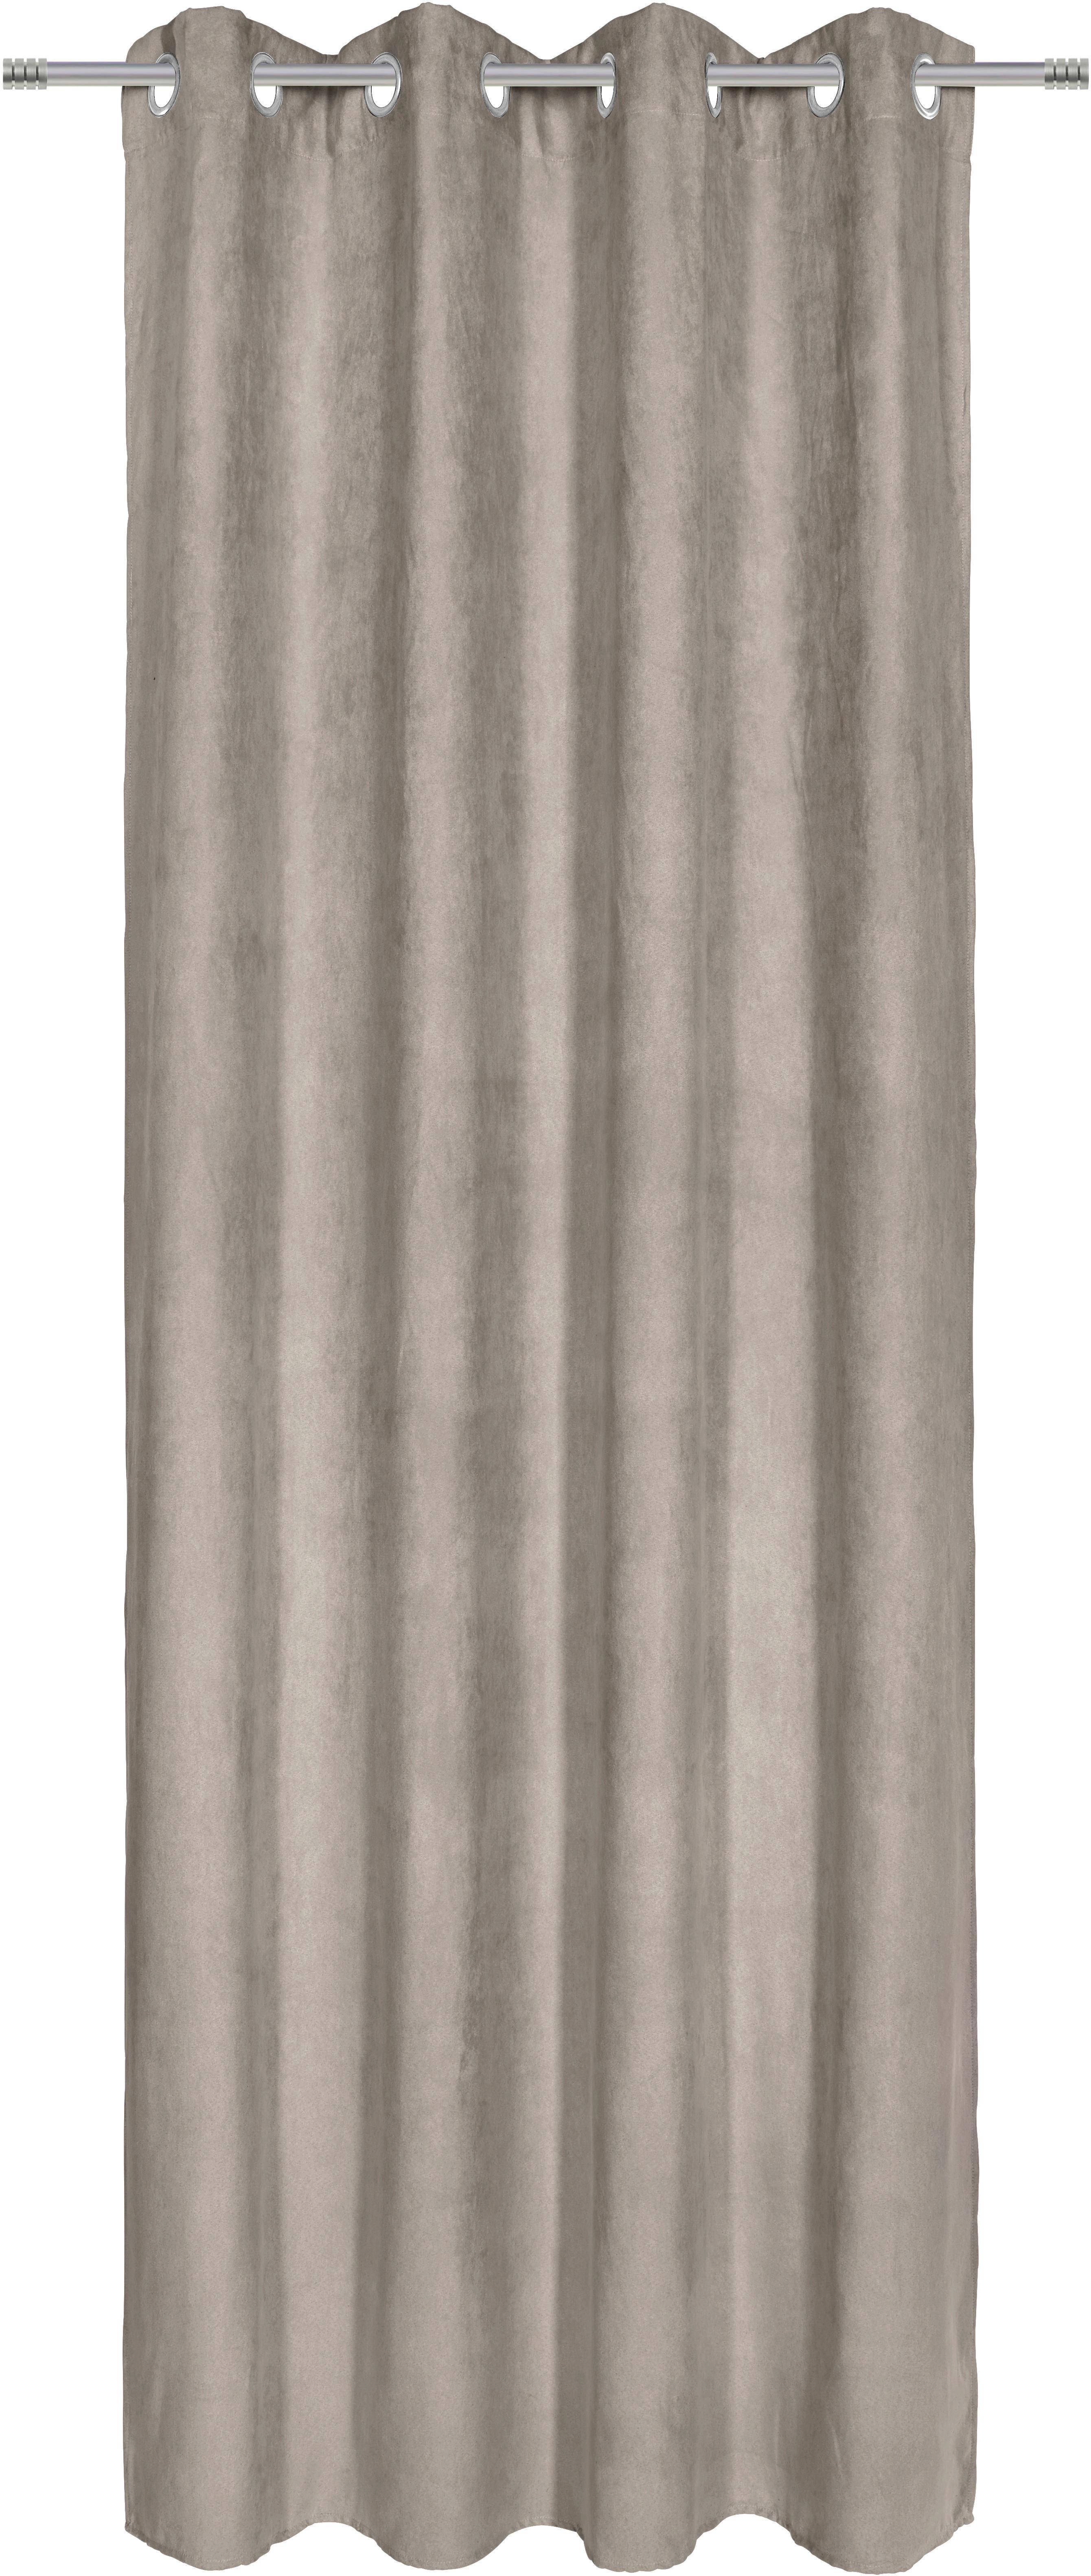 Készfüggöny Velour - szürke, konvencionális, textil (140/245cm) - MÖMAX modern living